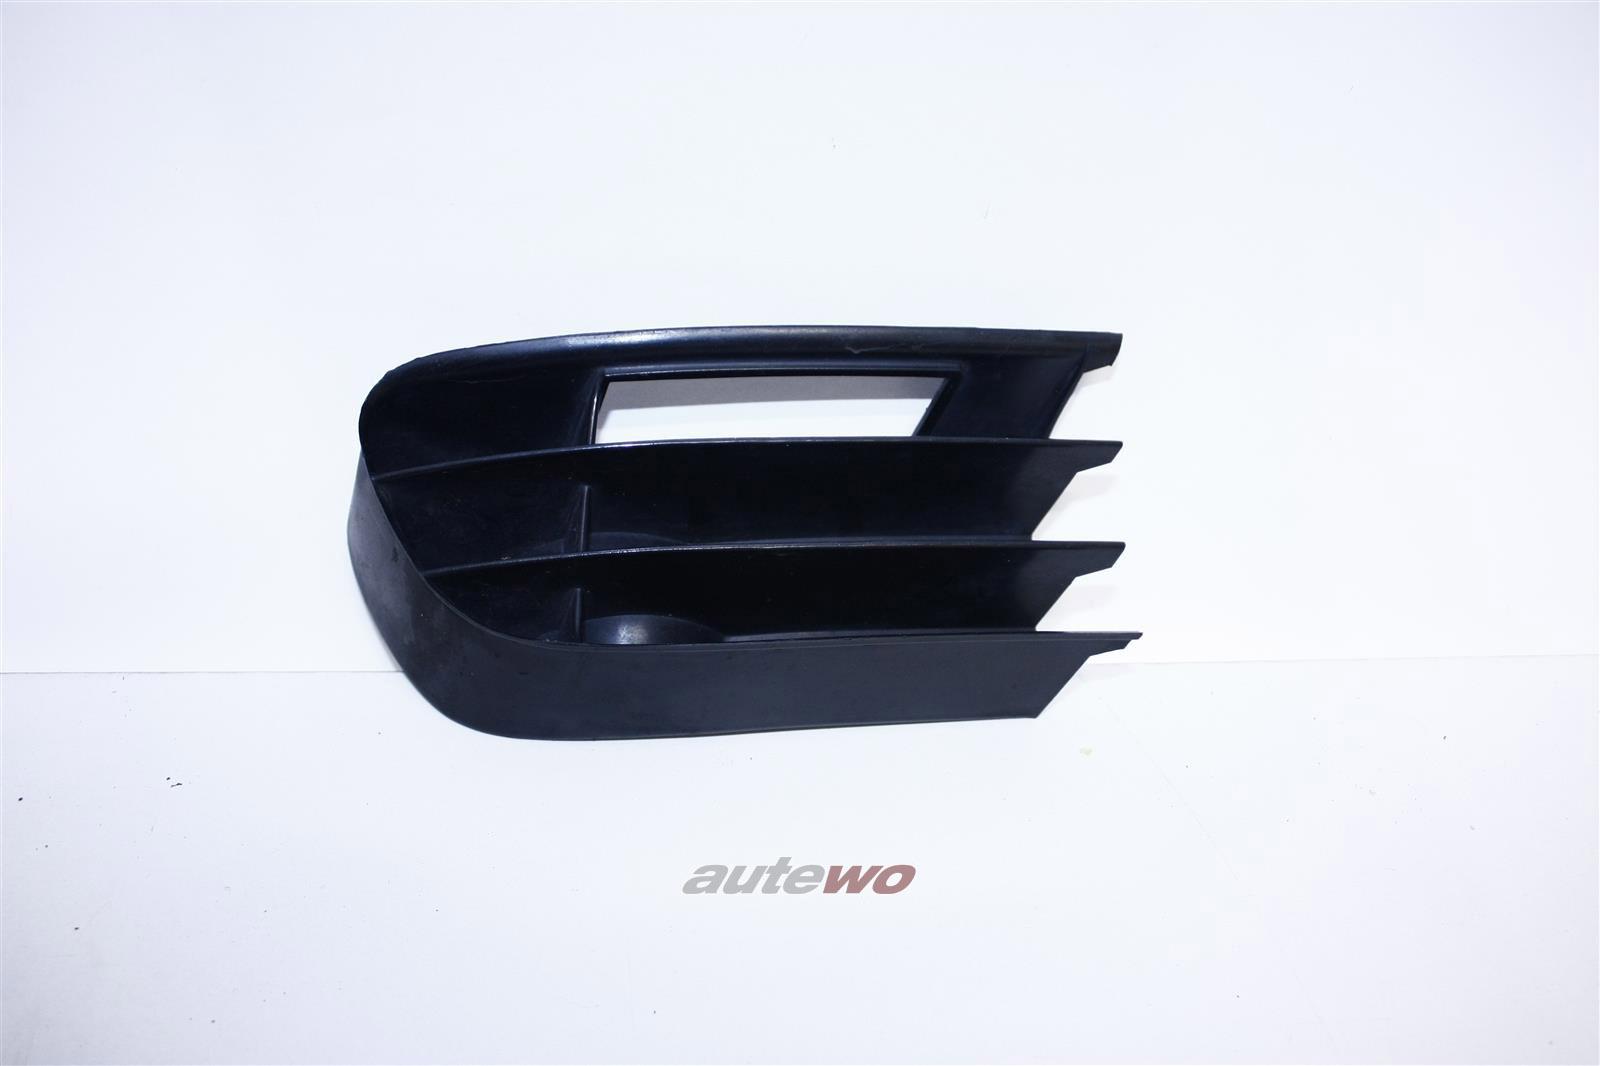 895853668 audi 80 coupe cabrio typ 89 luftf hrungsgitter. Black Bedroom Furniture Sets. Home Design Ideas